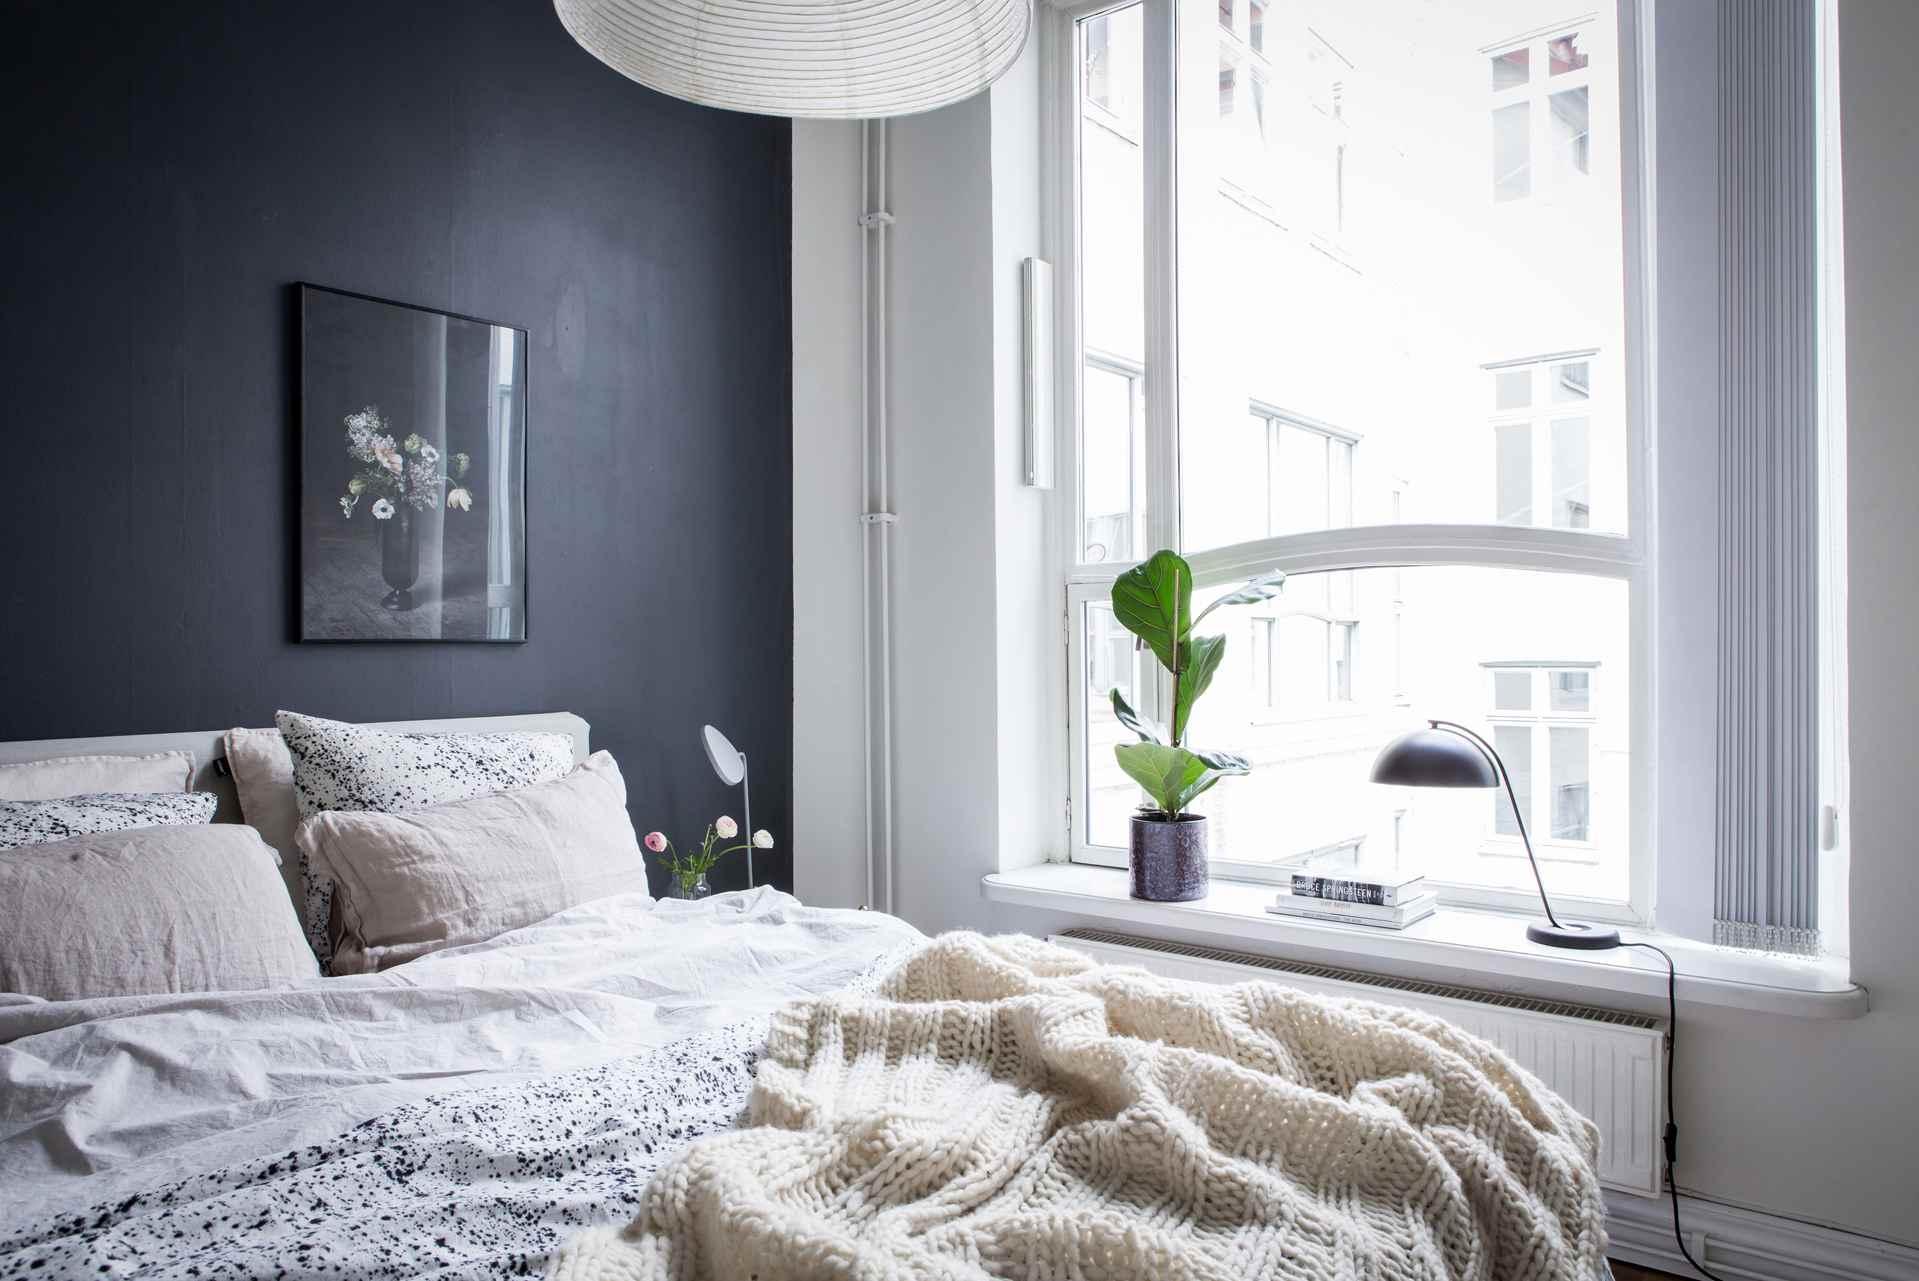 habitación cubierta de sol negro